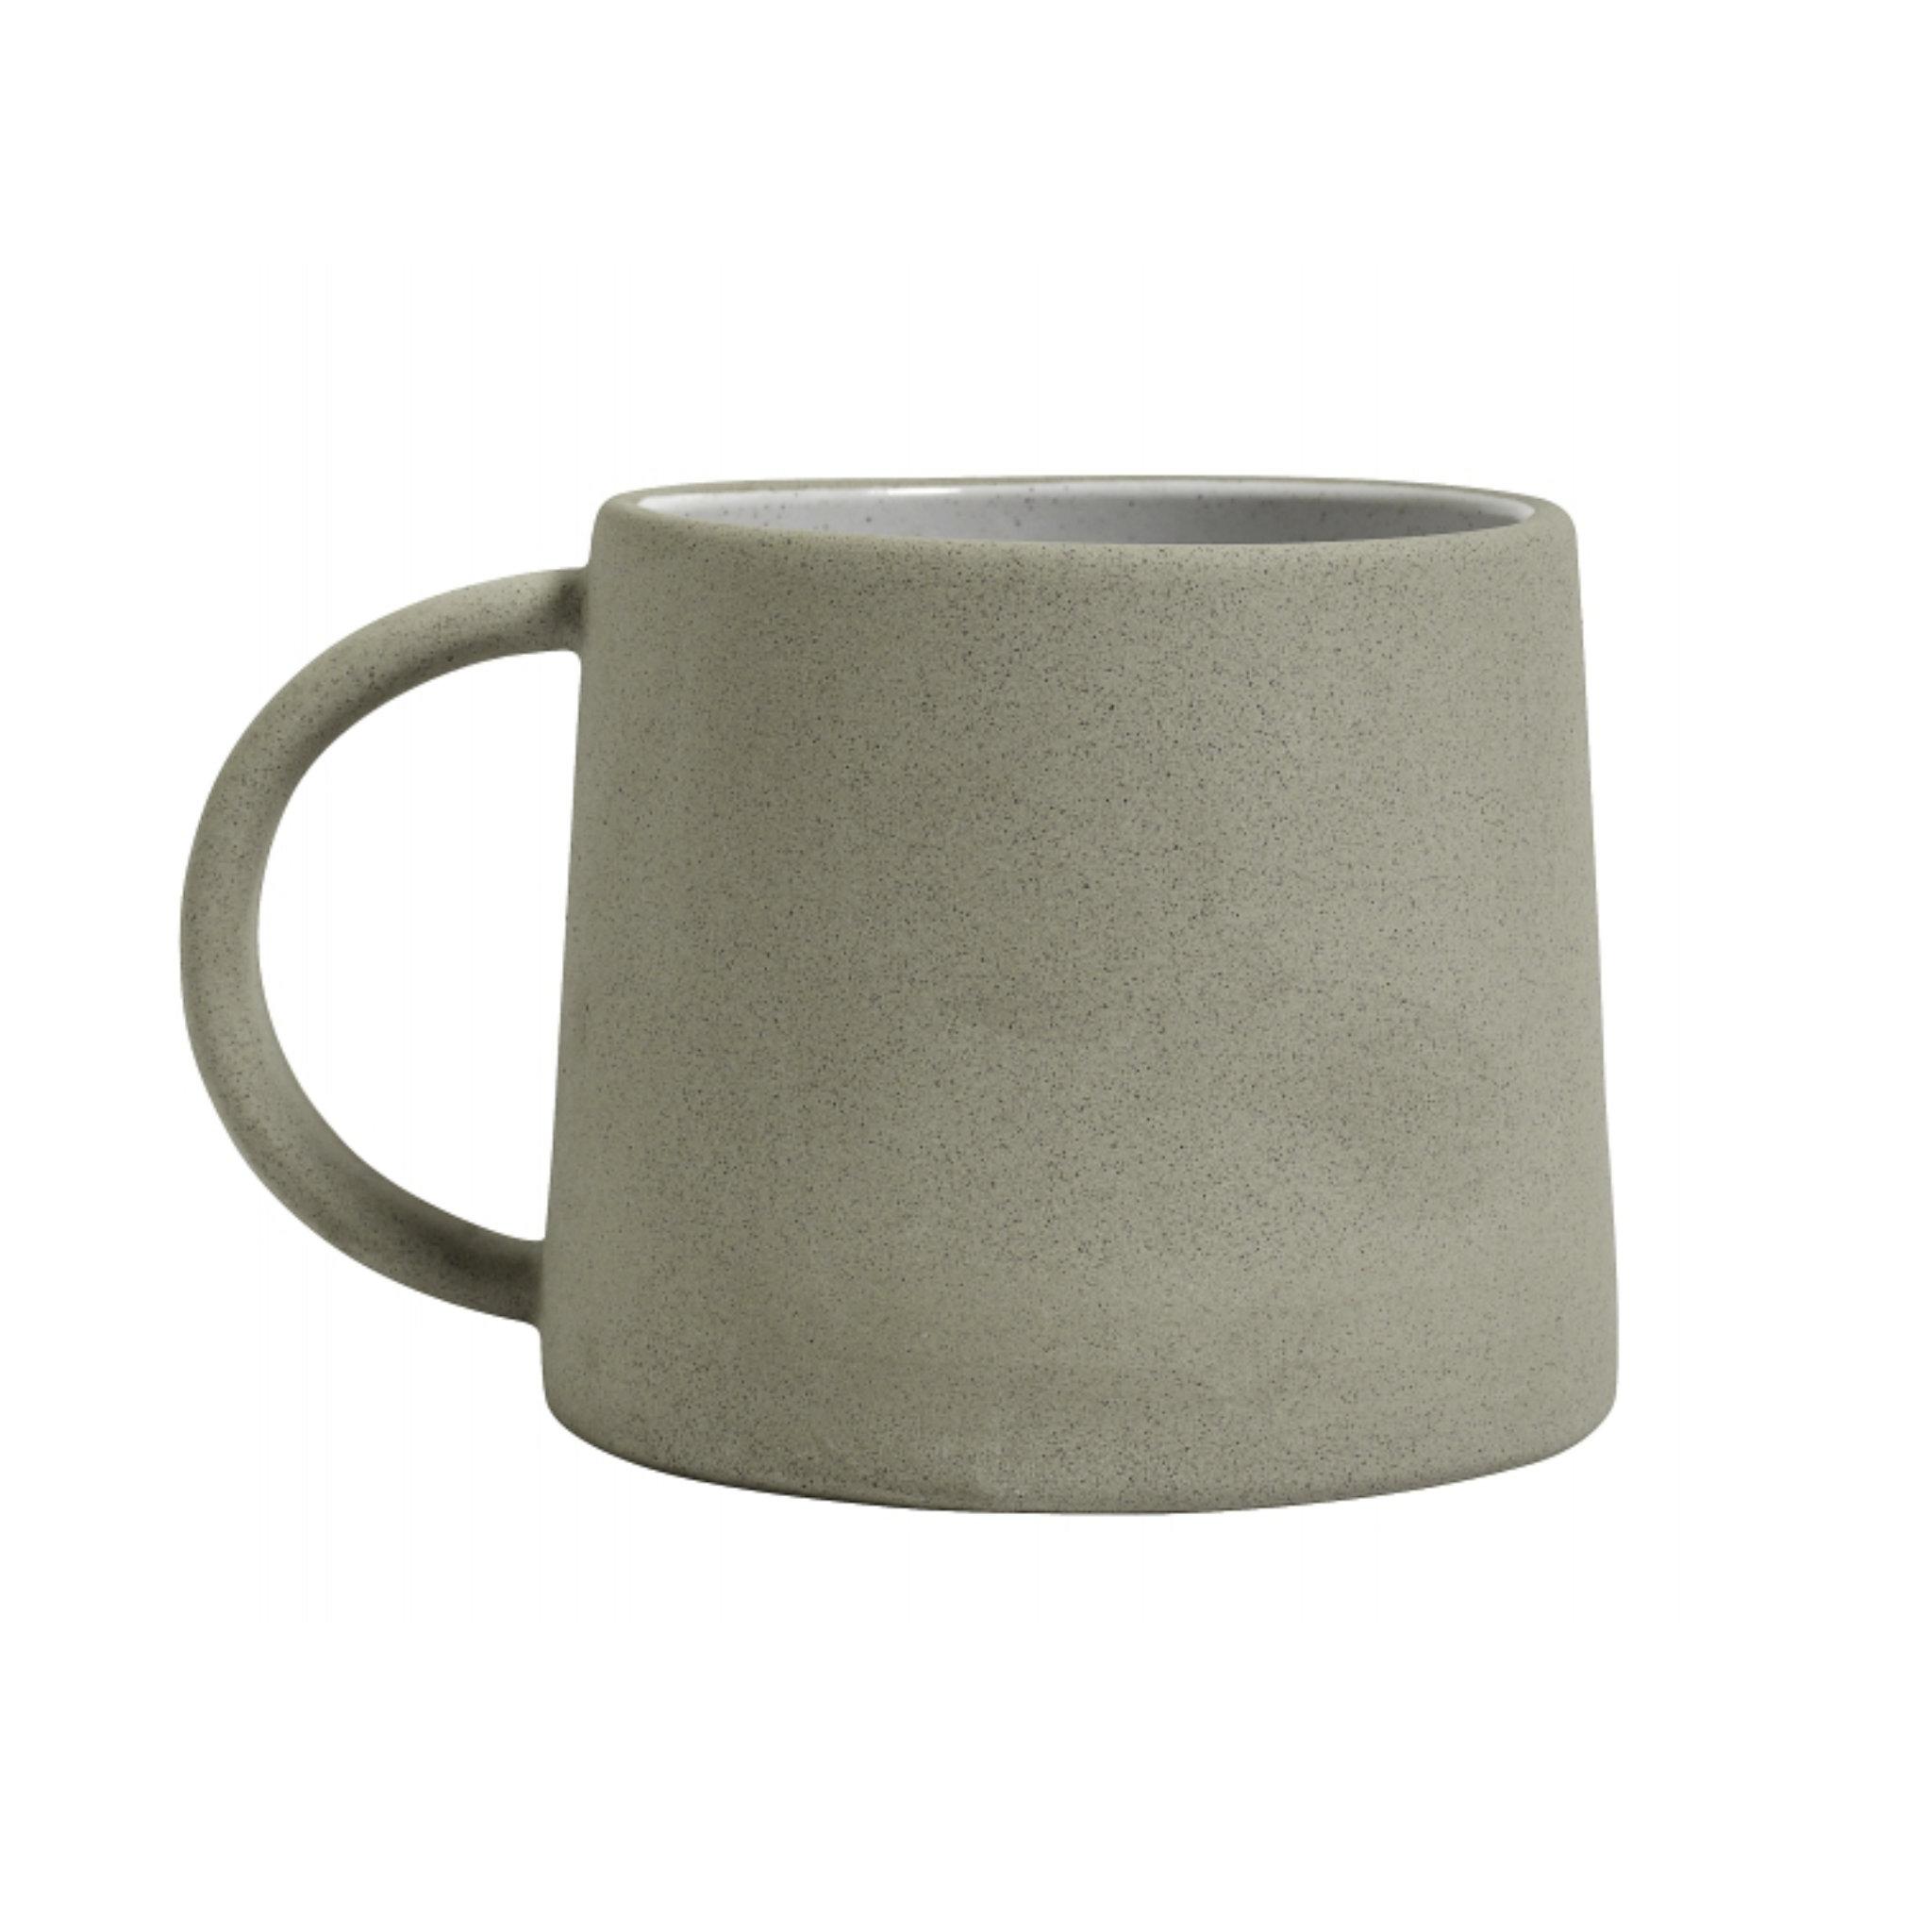 Nordal Stoneware Mug- Beige